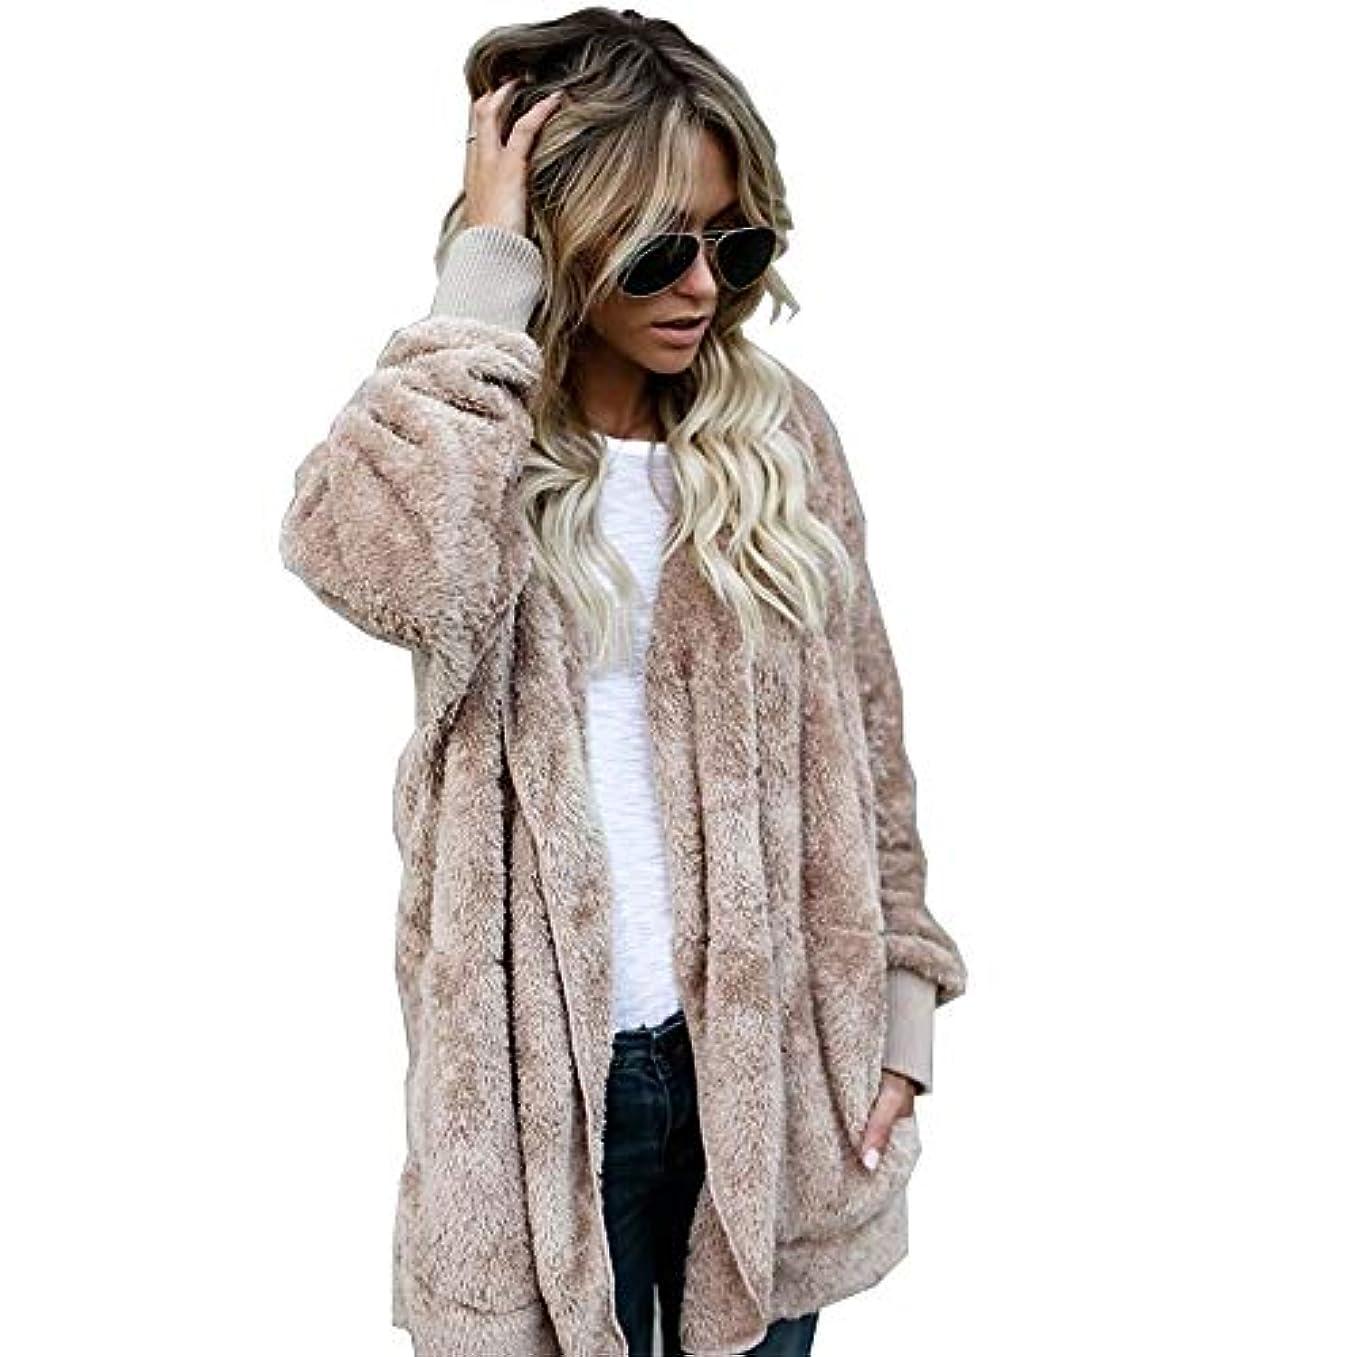 記録マントル側MIFAN 長袖パーカー、冬のコート、女性のコート、女性の緩い厚く暖かいフェイクファーフード付きカーディガン